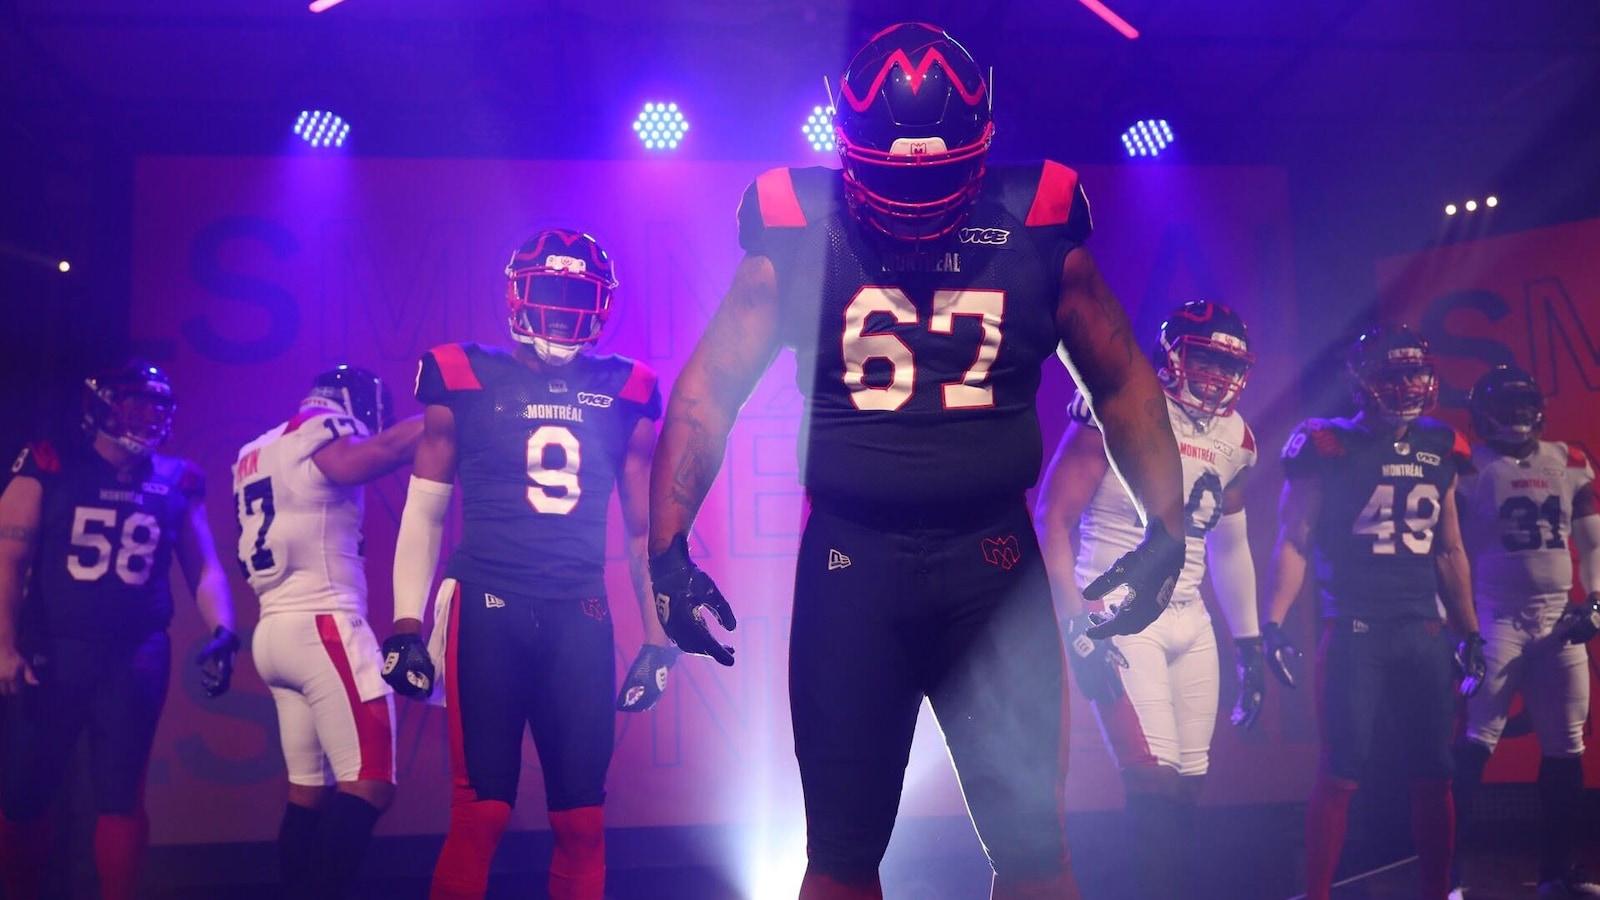 Les nouveaux uniformes des Alouettes